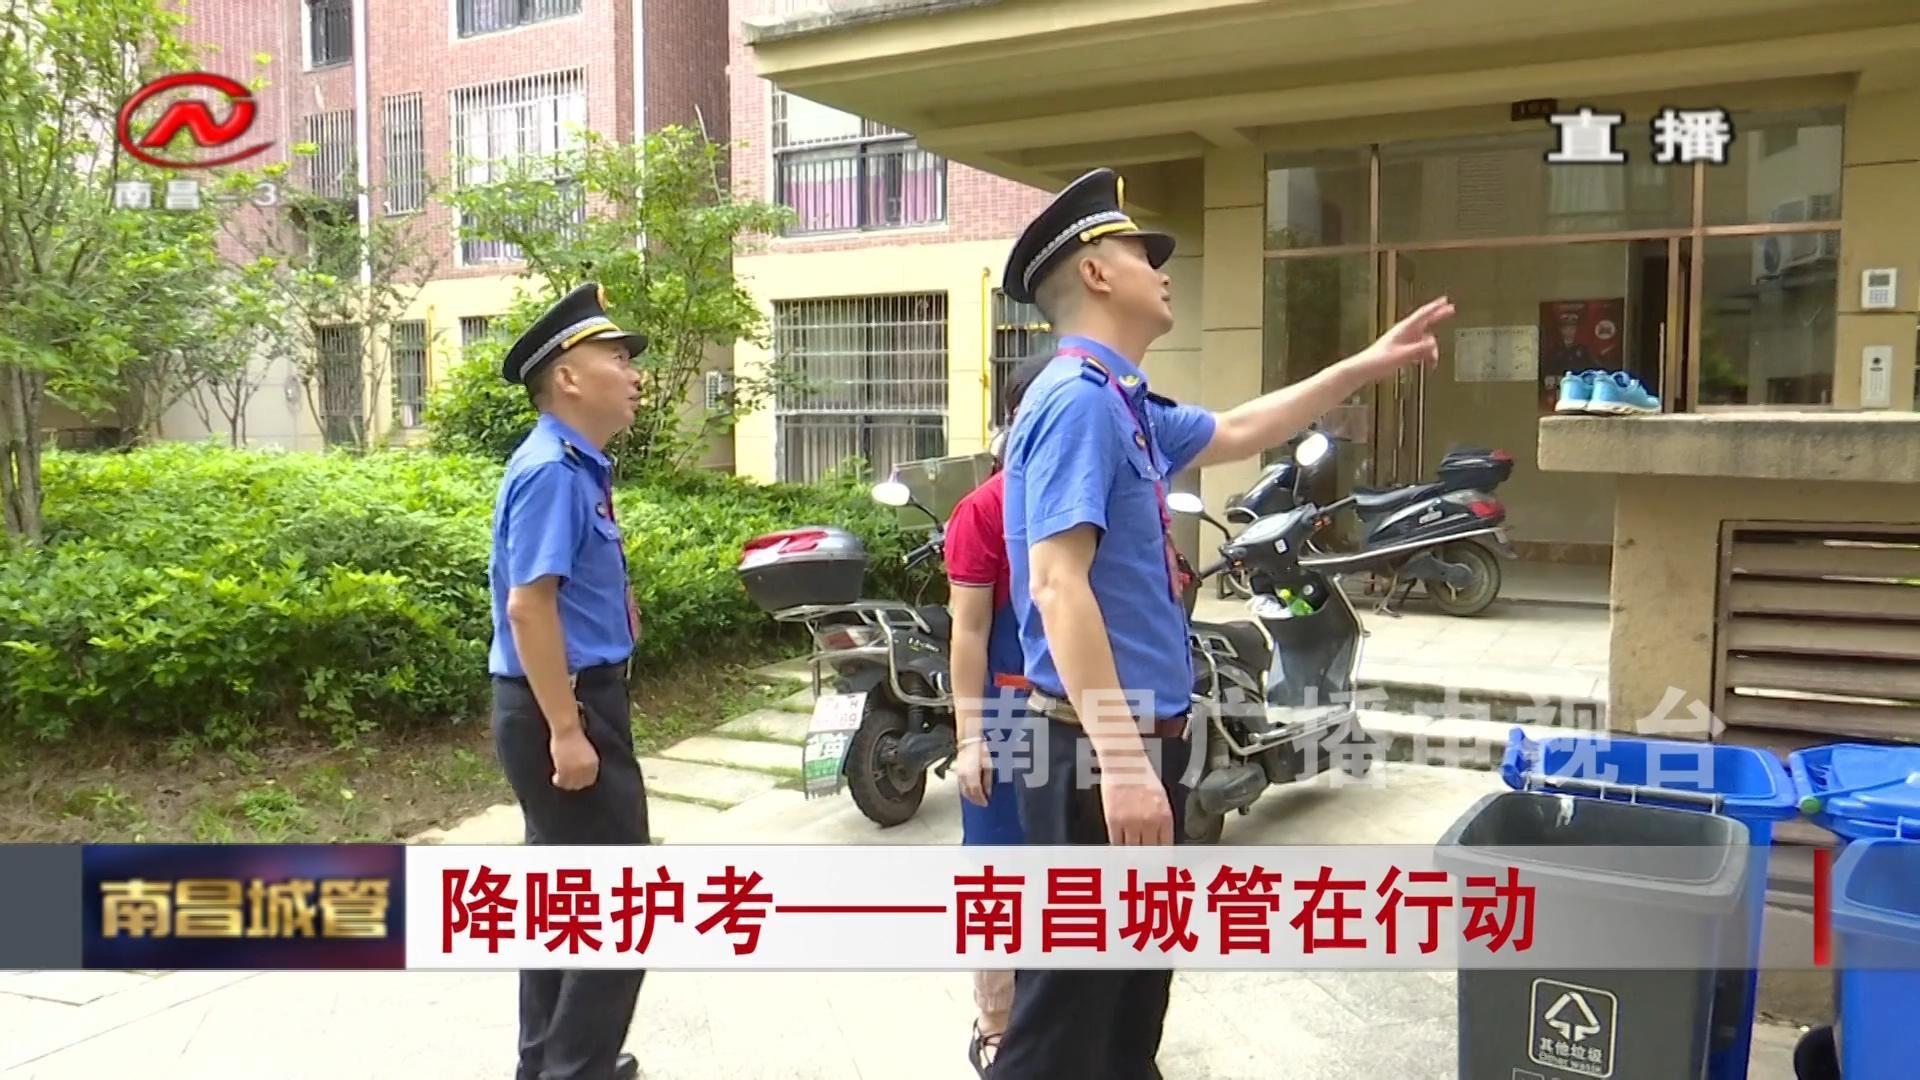 【城管新闻】 降噪护考 ——南昌城管在行动